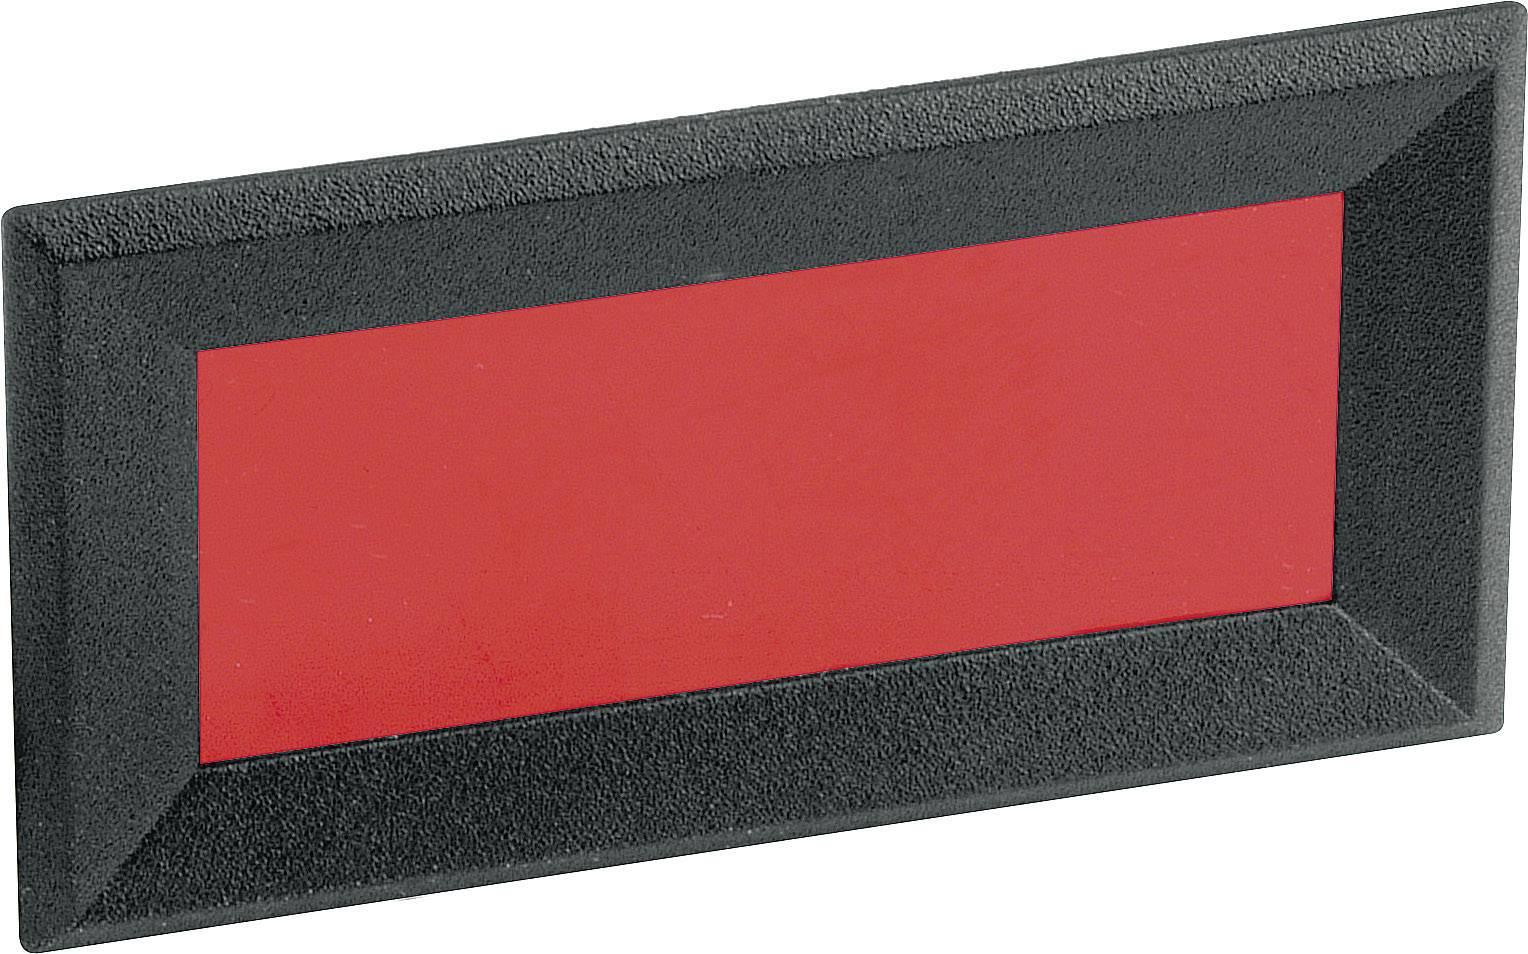 Rámeček pro LCD/LED displeje - červený